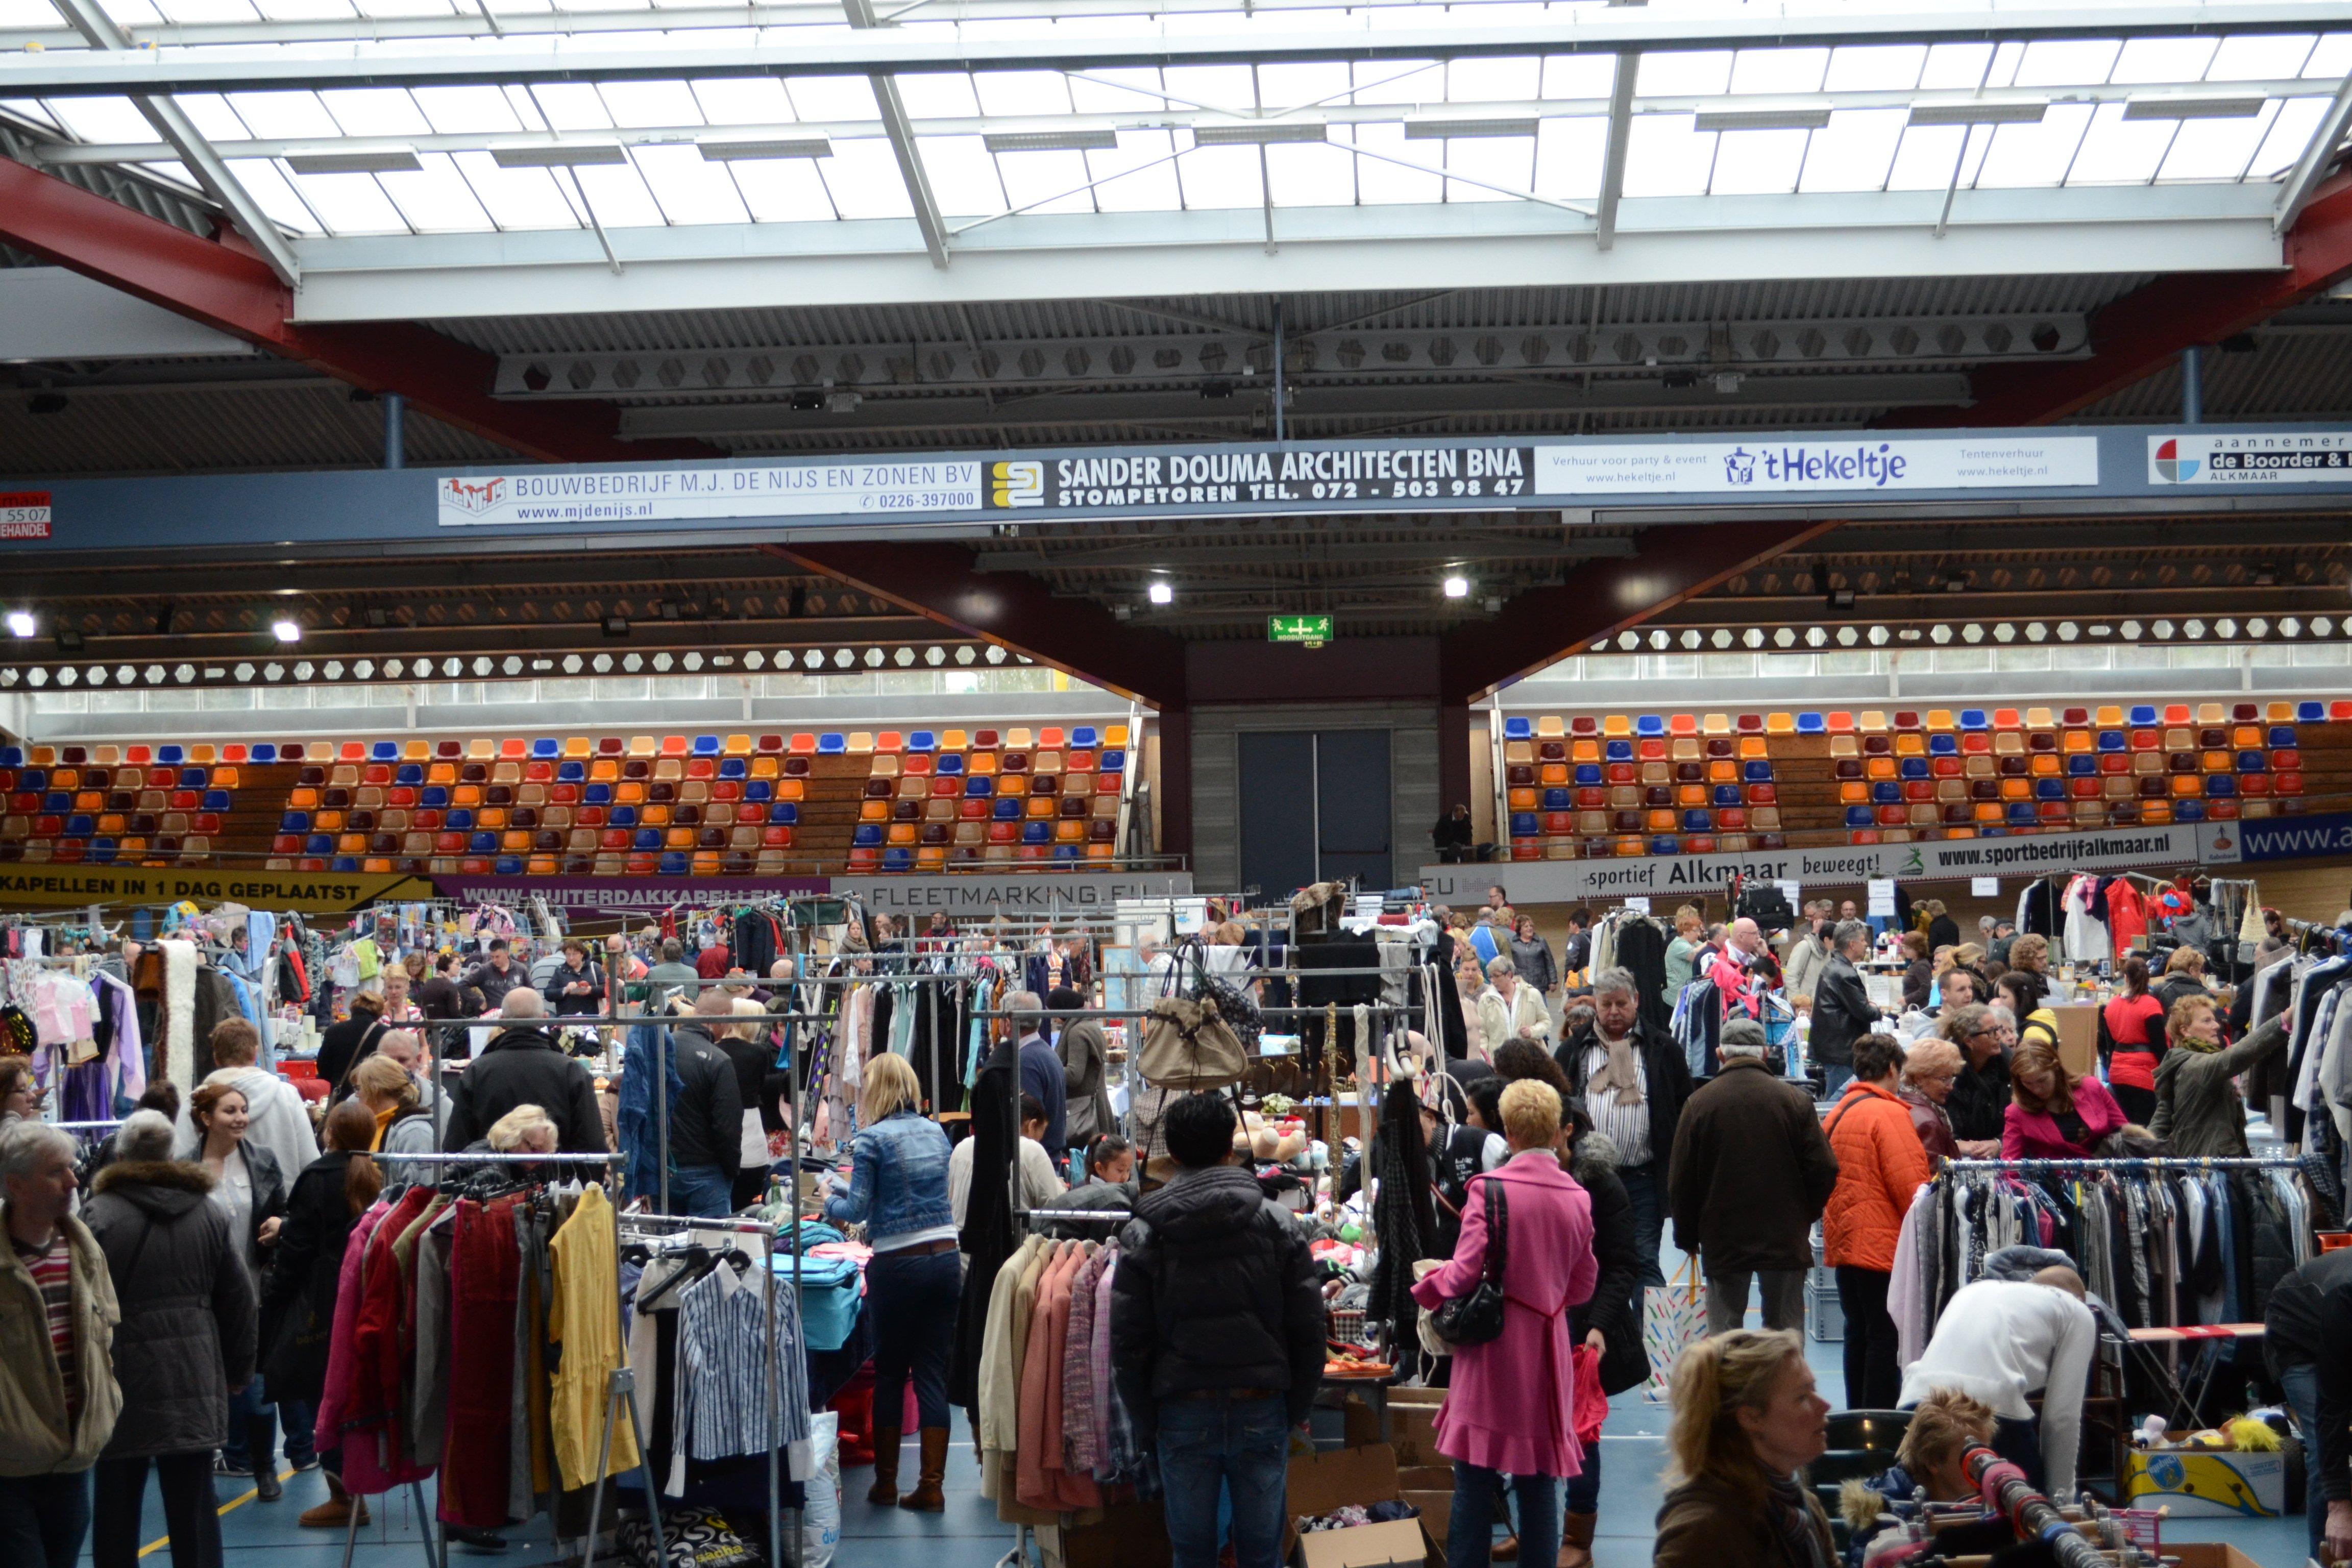 Gigantisch grote rommelmarkt  in Alkmaar